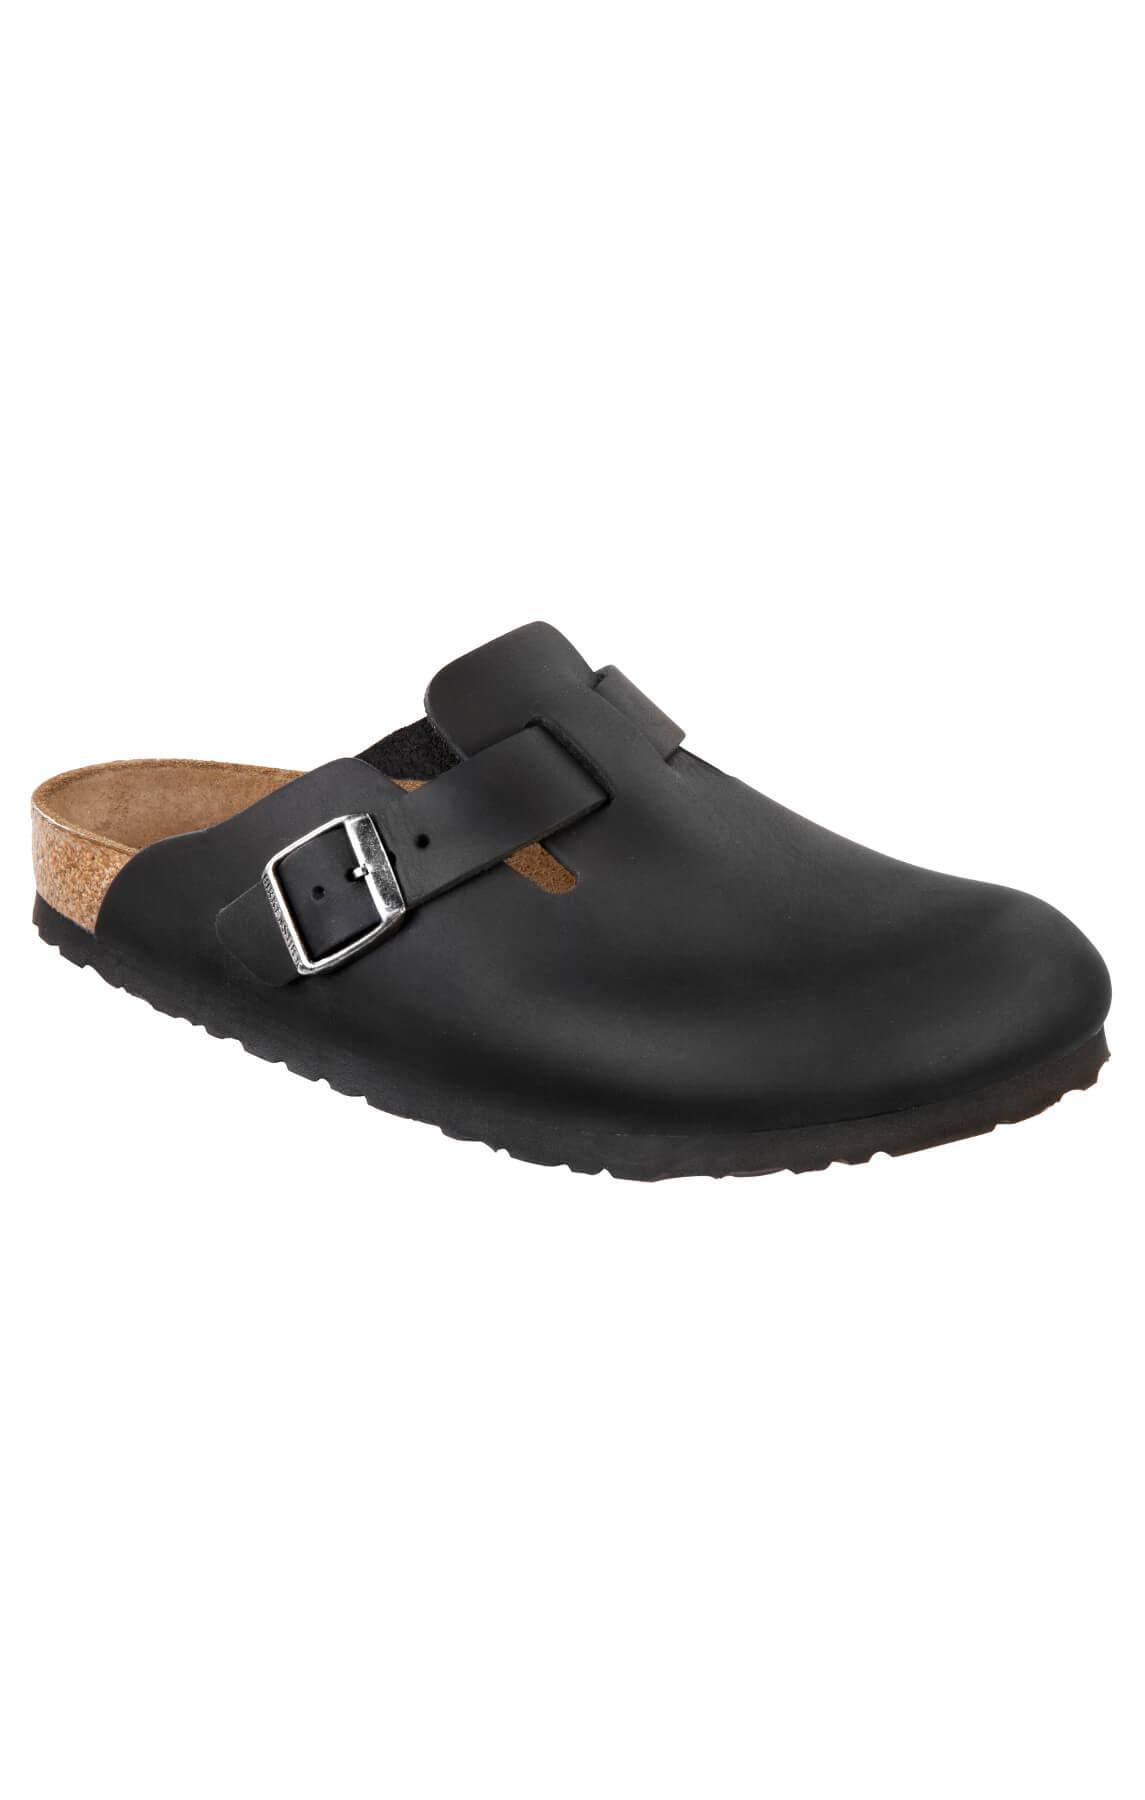 birkenstock boston clog natural black leather